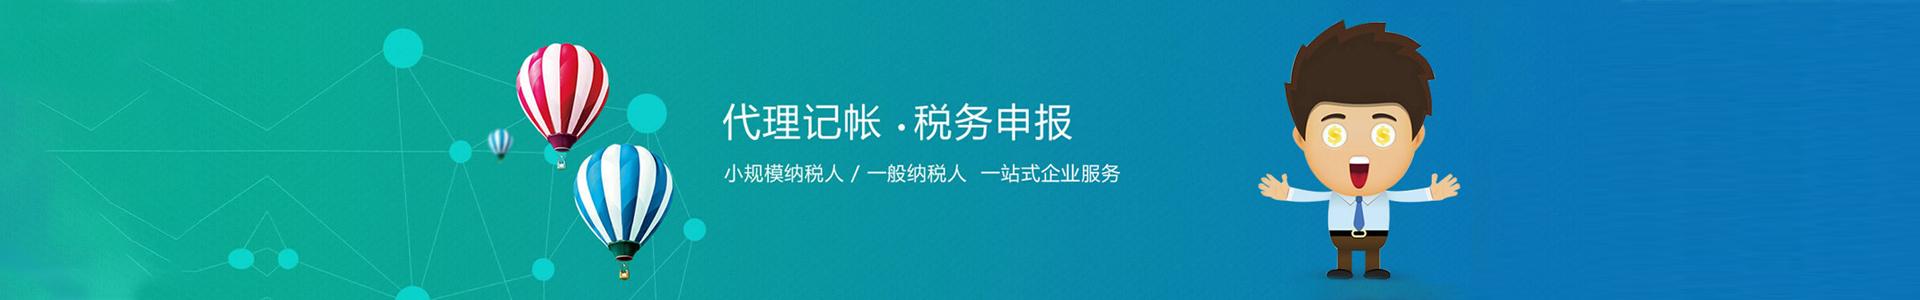 http://www.www.jxxpsy.cn/data/upload/202001/20200113172148_166.jpg